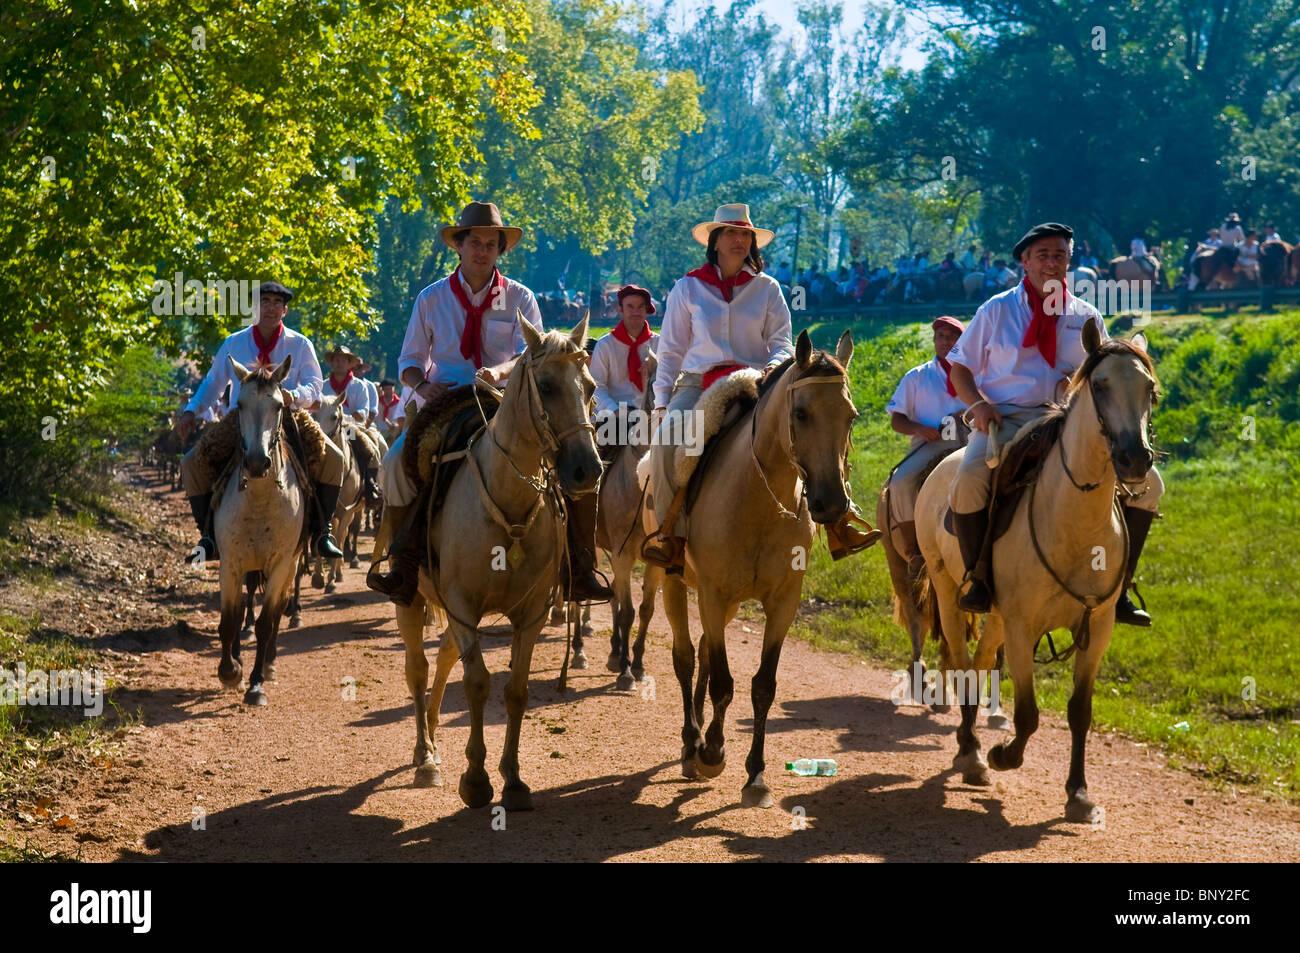 Participants in the annual festival Patria Gaucha in Tacuarembo Uruguay - Stock Image